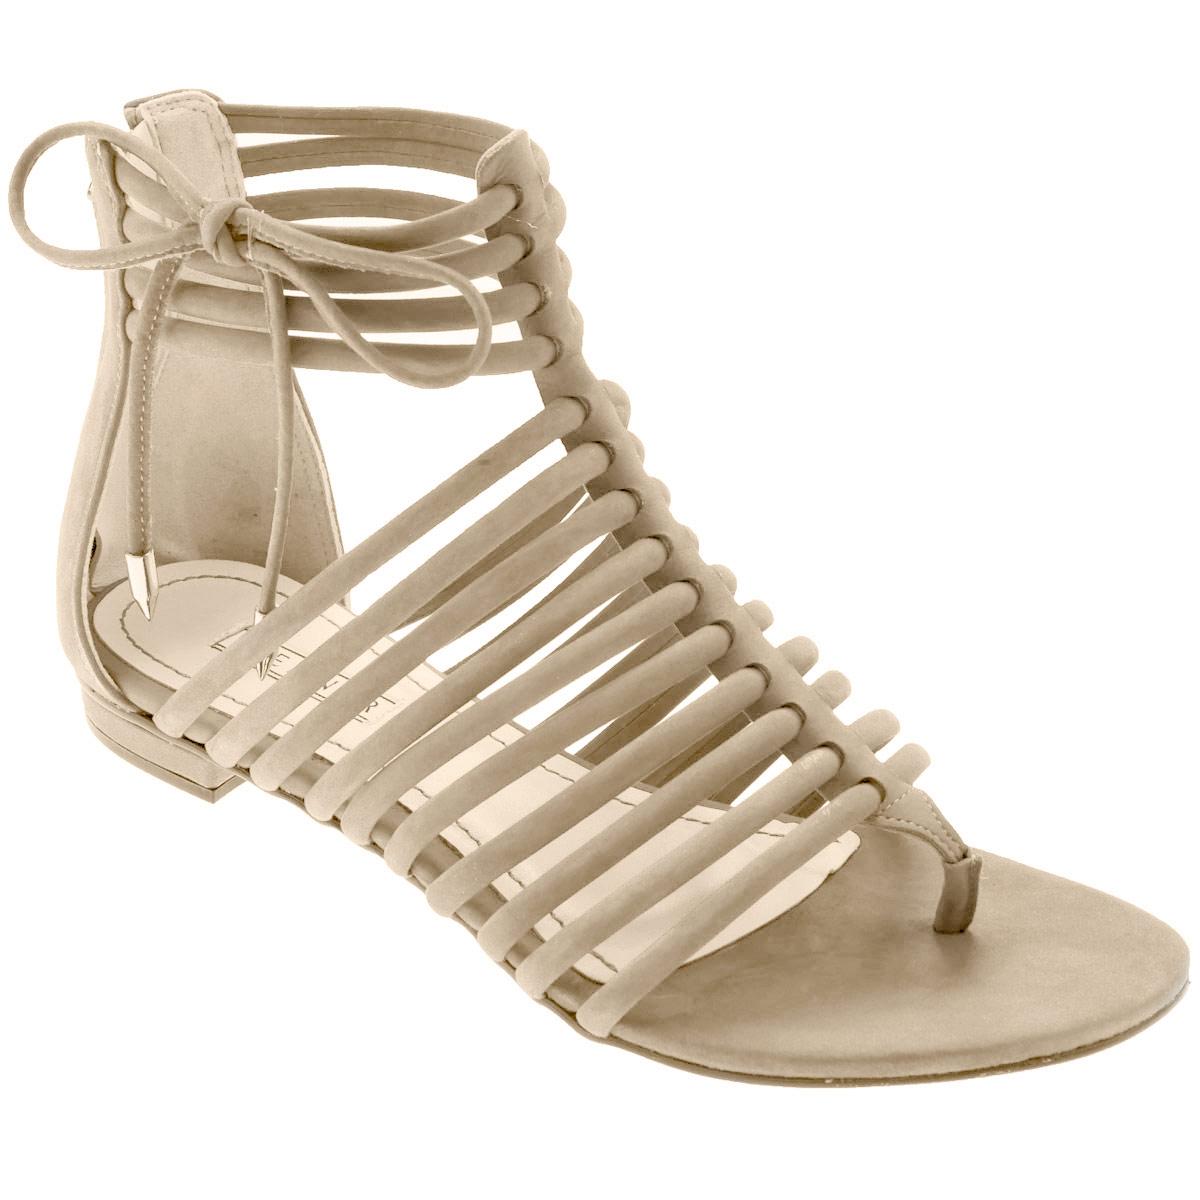 Сандалии женские Werner, цвет: бежевый. 0-53034. Размер 33 (34)0-53034Стильные сандалии от Werner займут достойное место среди вашей коллекции летней обуви. Модель выполнена из натурального нубука. Стелька из натуральной кожи обеспечивает комфорт при ходьбе.Эргономичная перемычка между пальцами и тонкие ремешки на подъеме и вокруг щиколотки отвечают за надежную фиксацию модели на ноге. Закрытая пятка дополнена удобной застежкой-молнией. Декорировано изделие бантиком из нубука с металлическими наконечниками Подошва выполнена из прочного полимера с противоскользящим рифлением.Модные сандалии прекрасно дополнят любой из ваших образов.